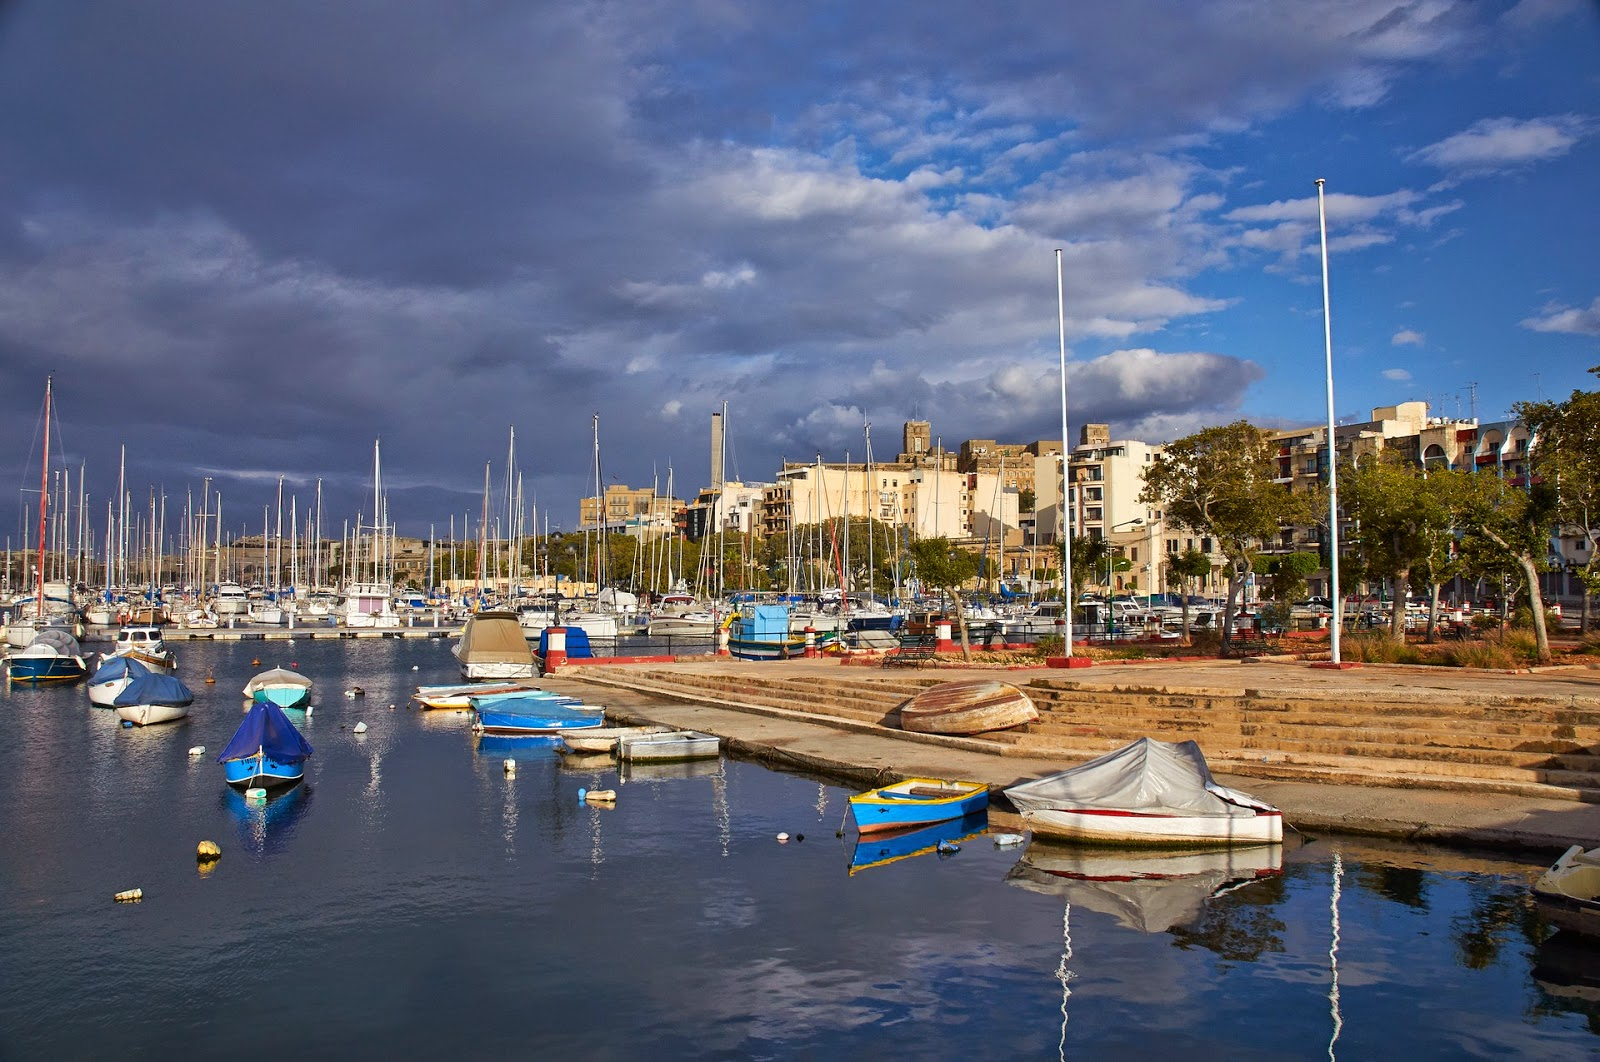 ciekawe miejsca na Malcie, które warto zwiedzić